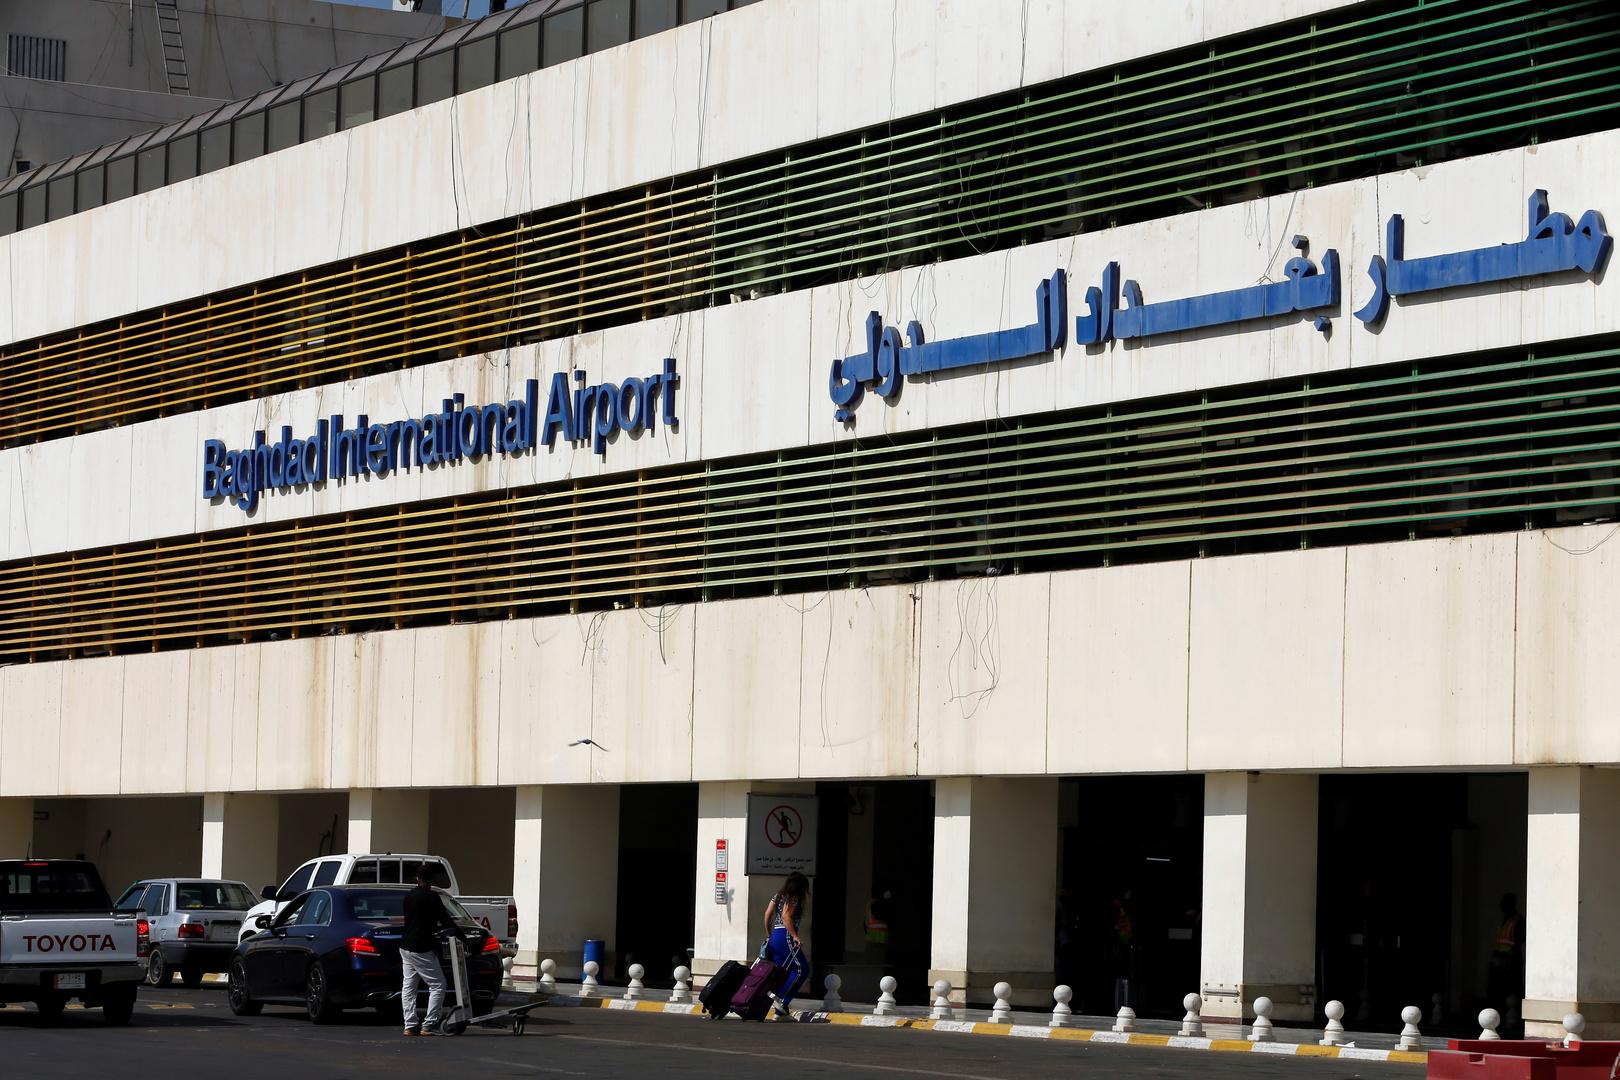 إيران تتهم شركة بريطانية مسؤولة عن أمن الطيران في مطار بغداد بتورطها في اغتيال سليماني